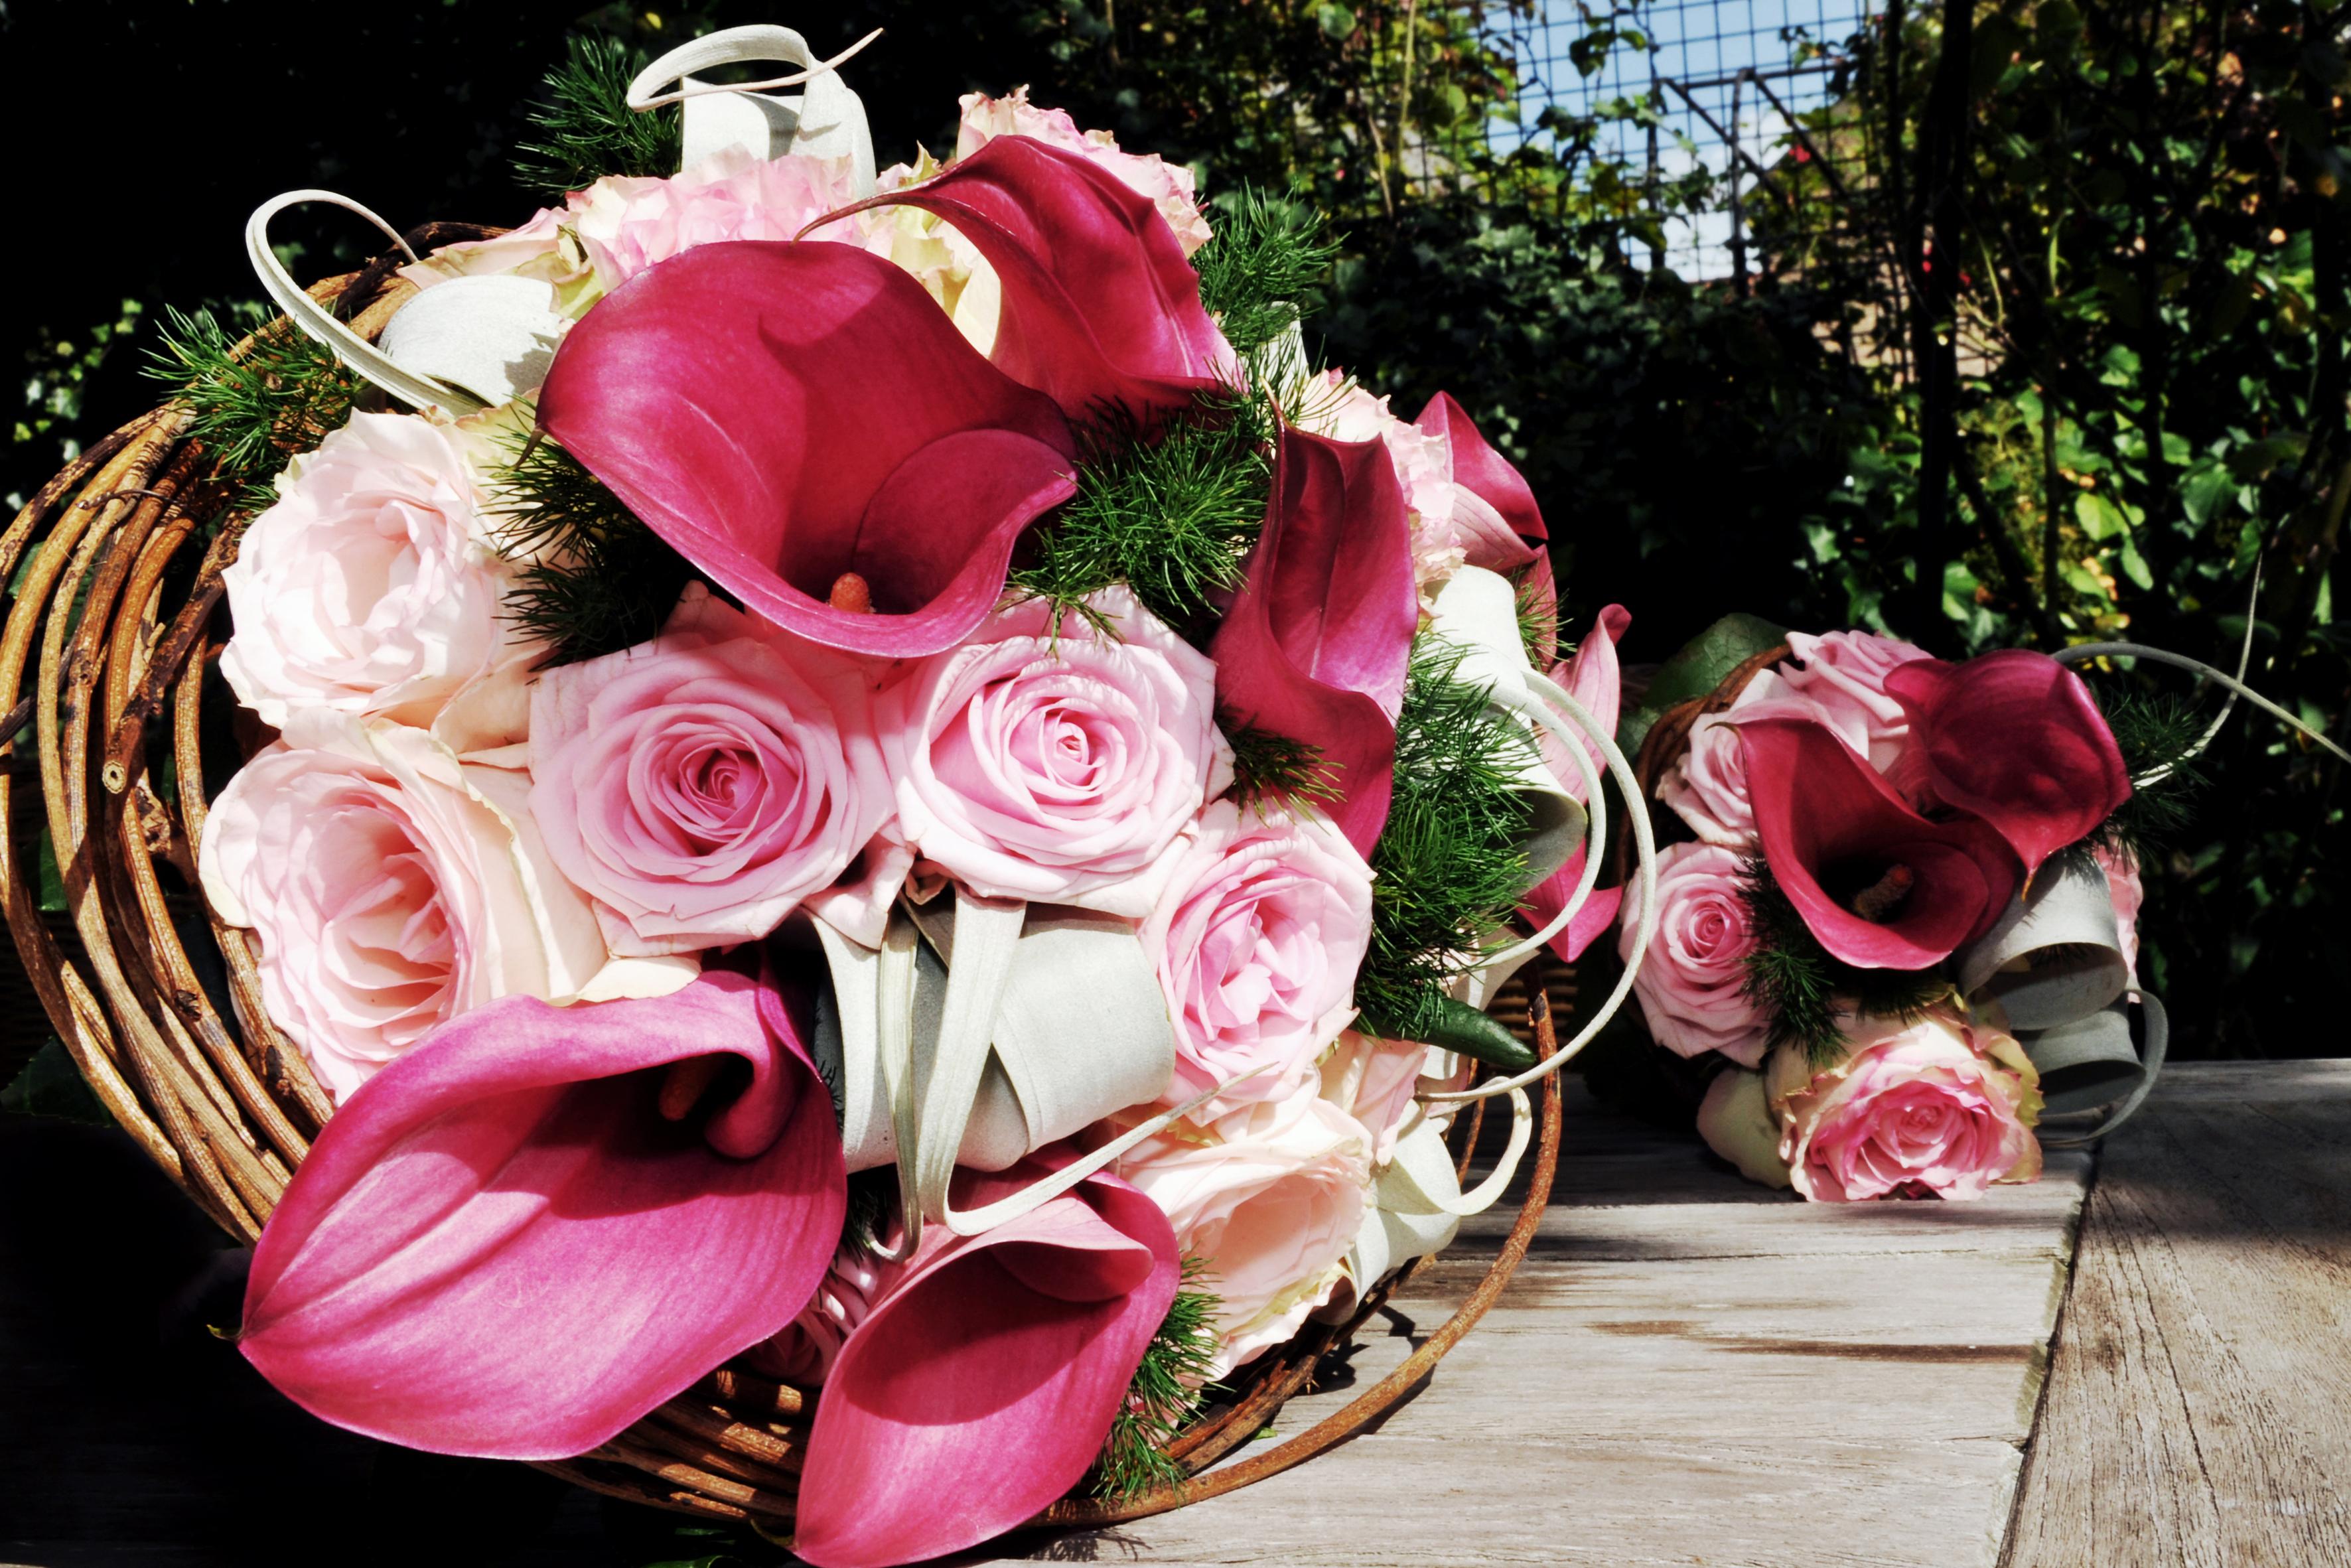 Bouquet of flowers, Bouquet, Flower, Flowers, Love, HQ Photo